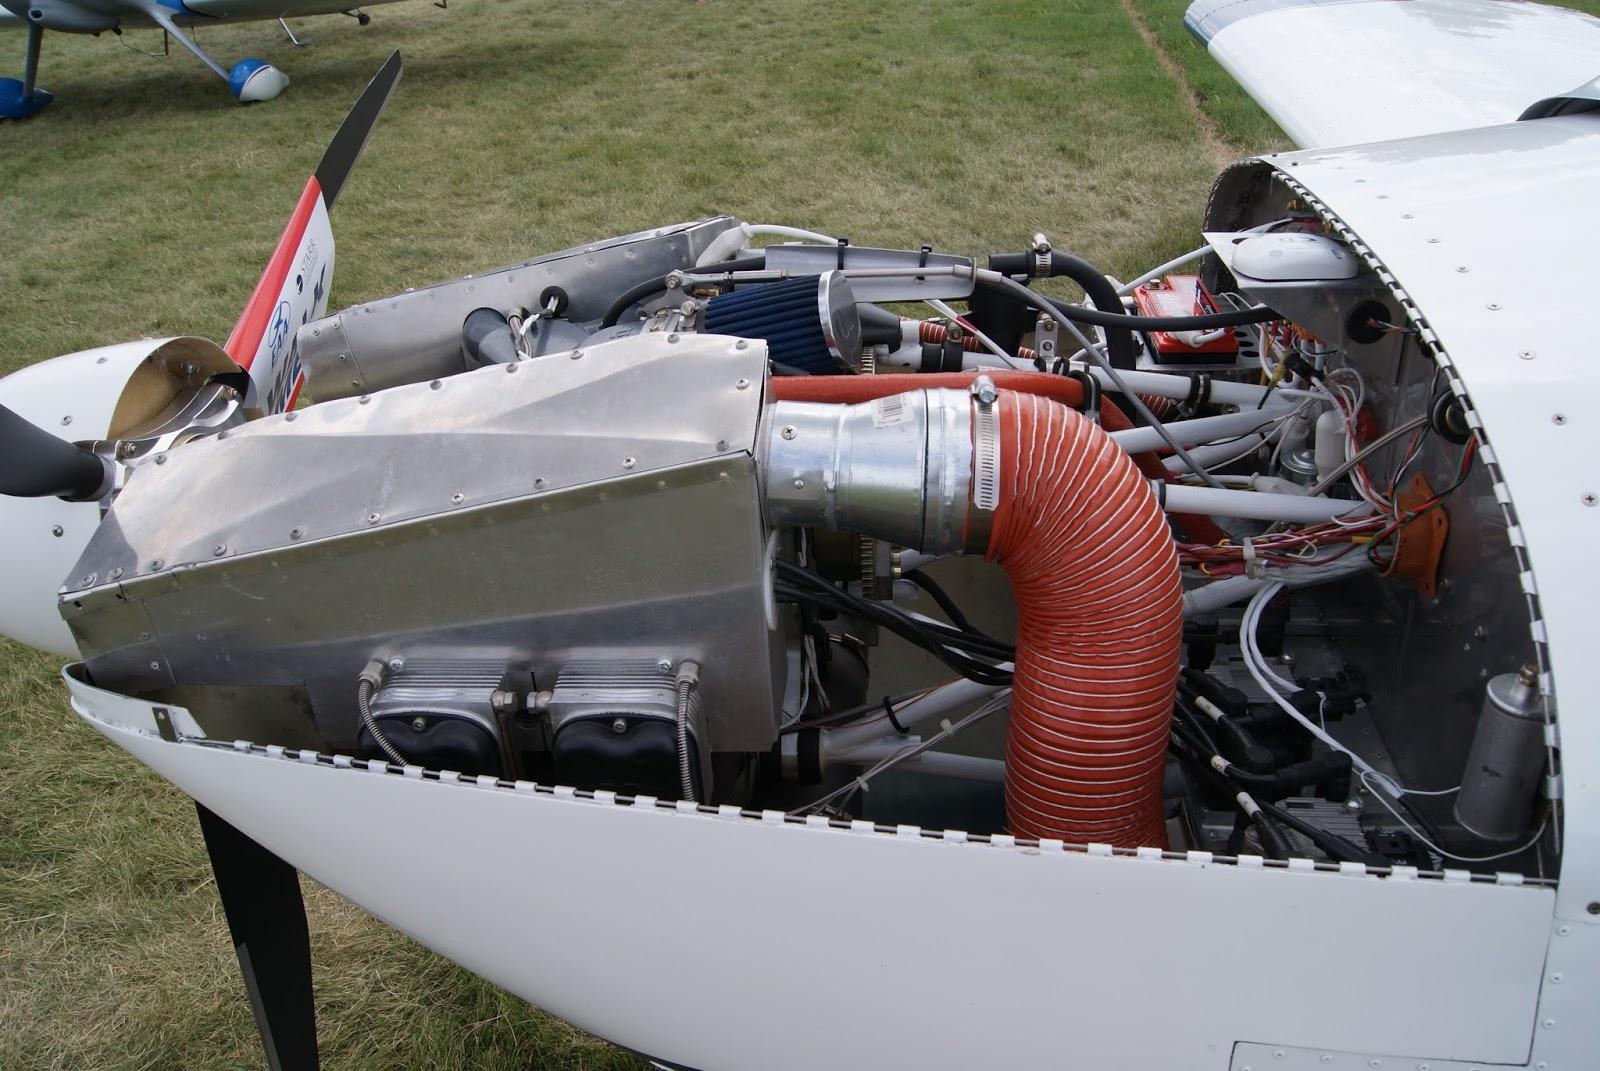 DOG Aviation John's RV-12 Blog: Return From Oshkosh